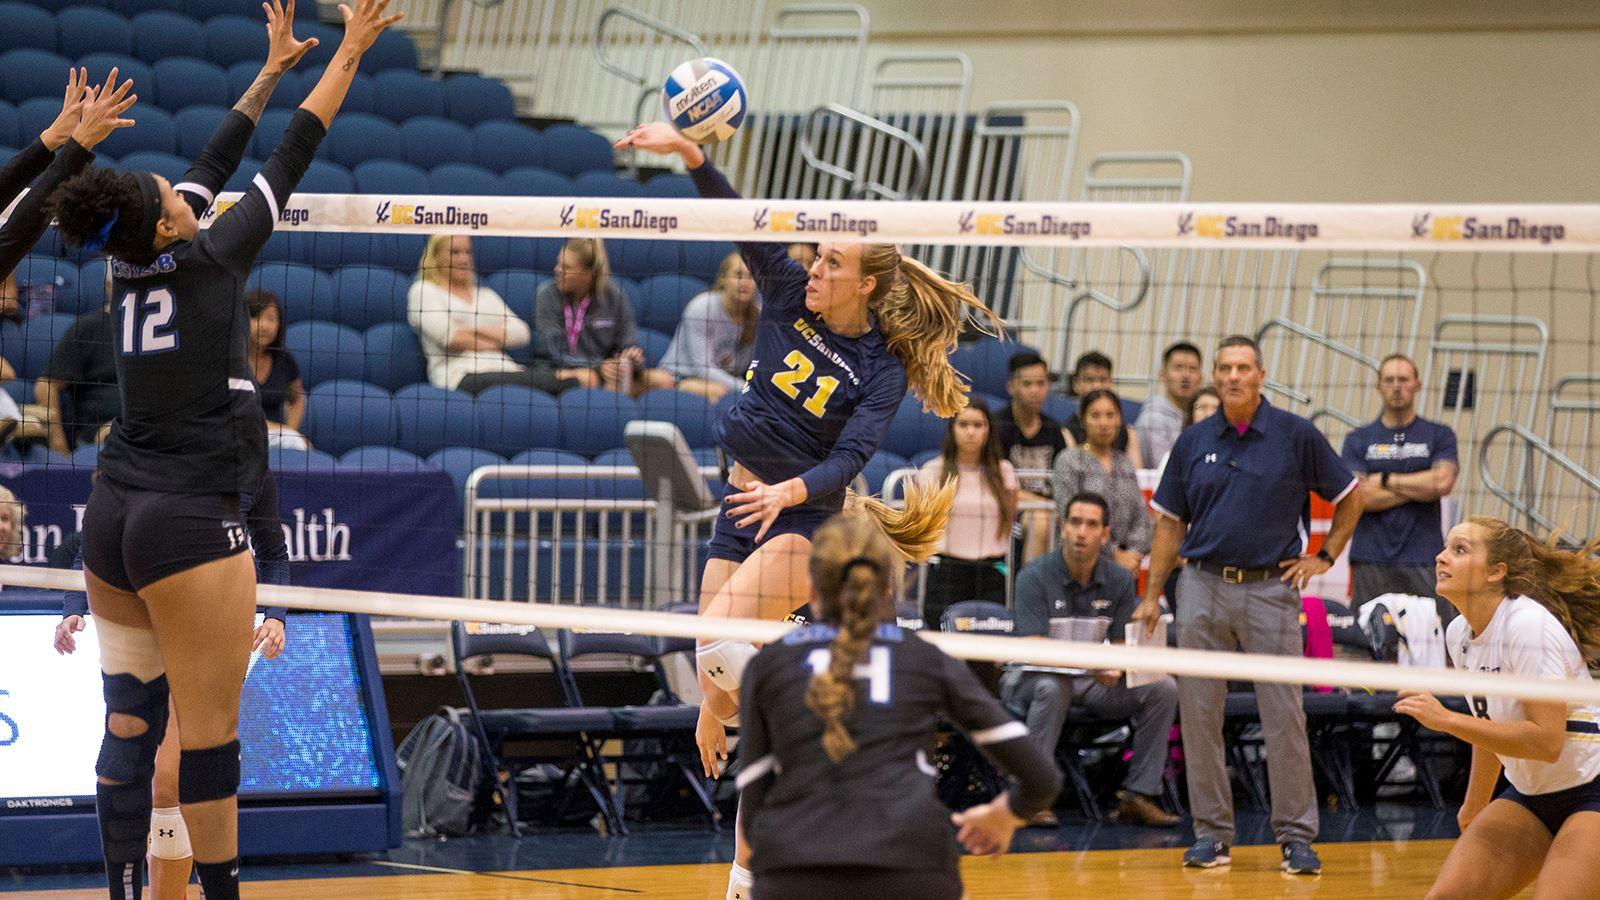 UCSD Frauen Volleyball-Dauert 5 Samen in der Region West-Turnier, Spielen, Alaska Anchorage